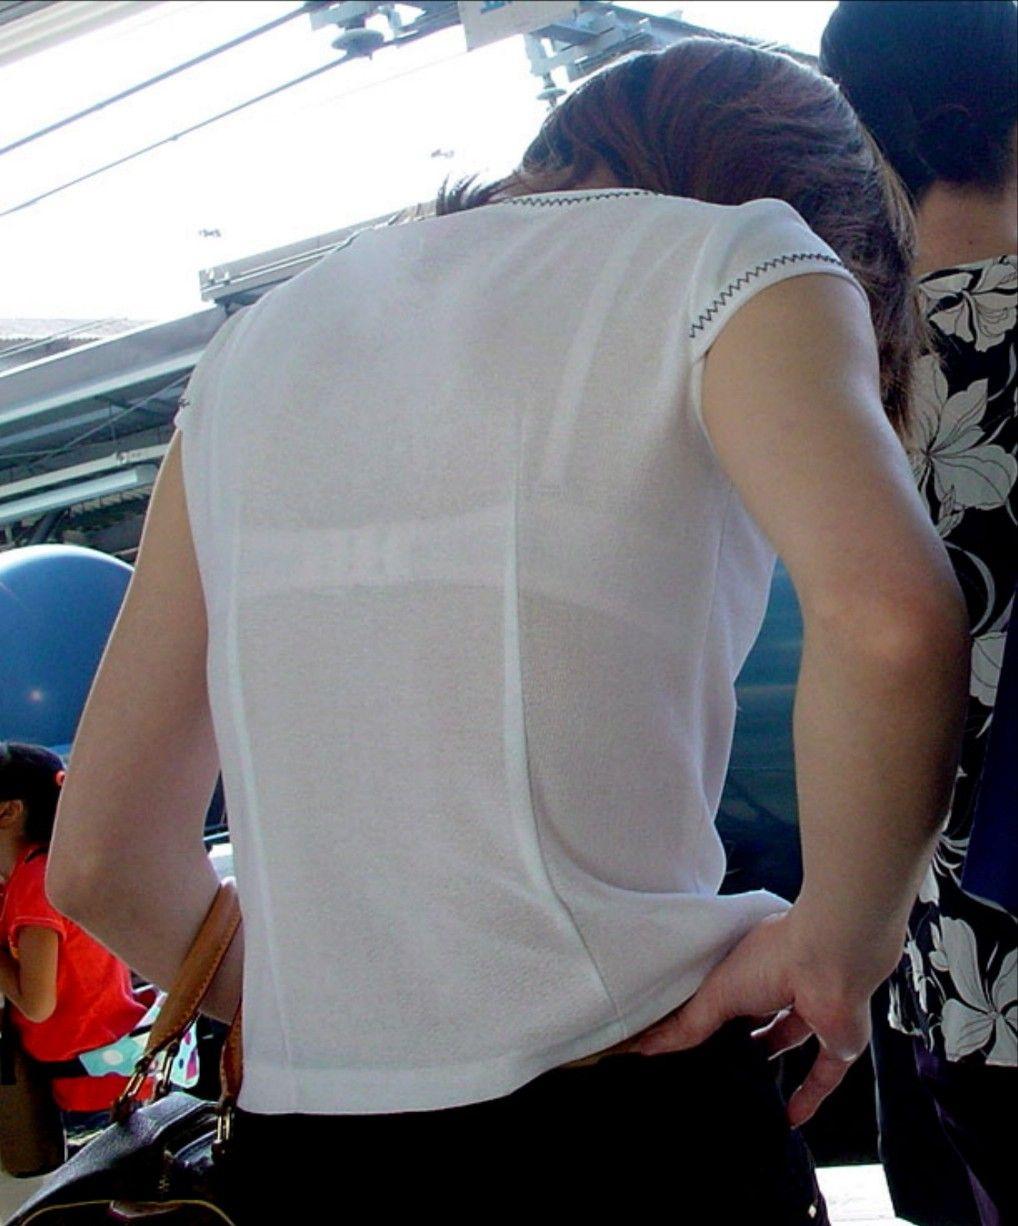 背中からブラジャーが透けてる素人さん (11)